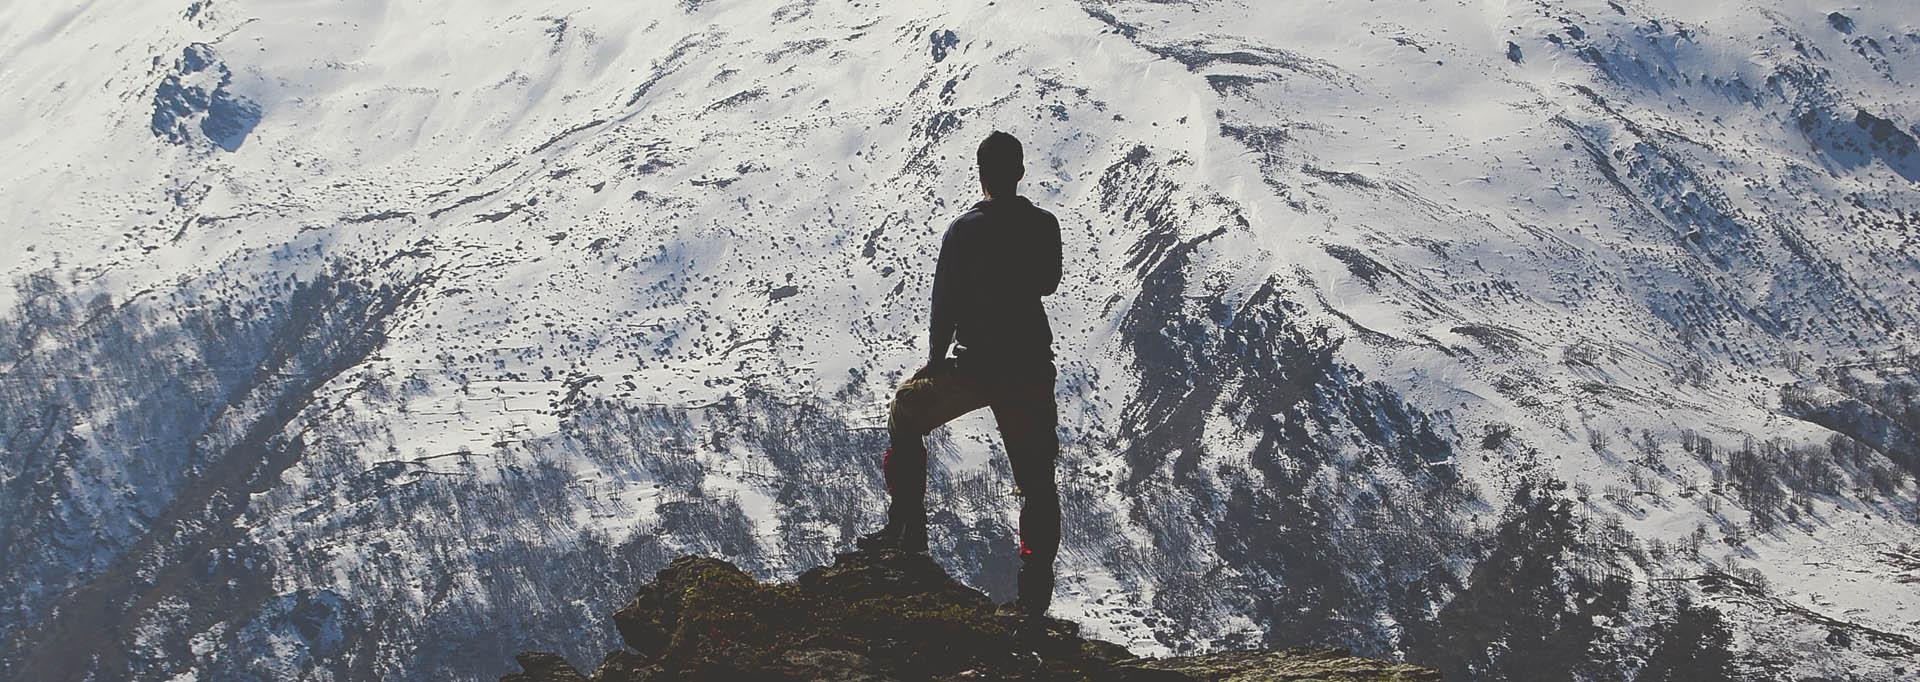 viajar andalucia paisajes de montaña